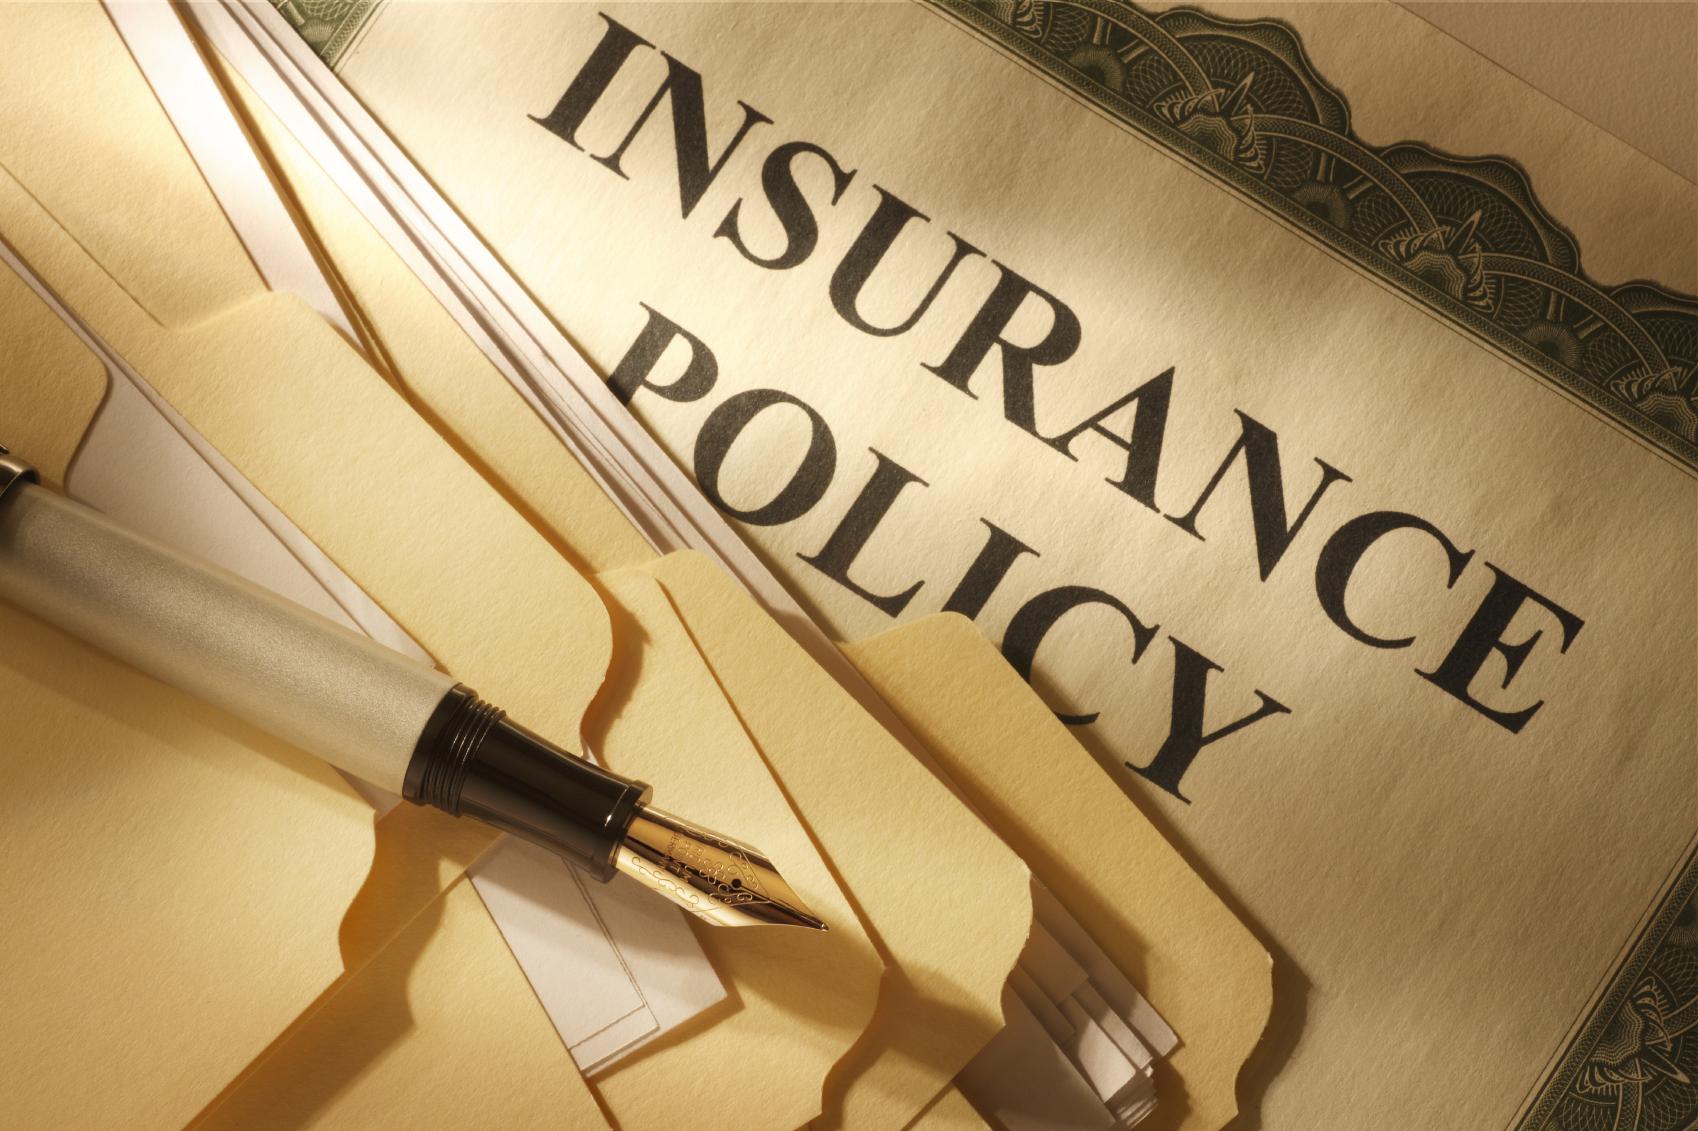 Insurance Policy Description